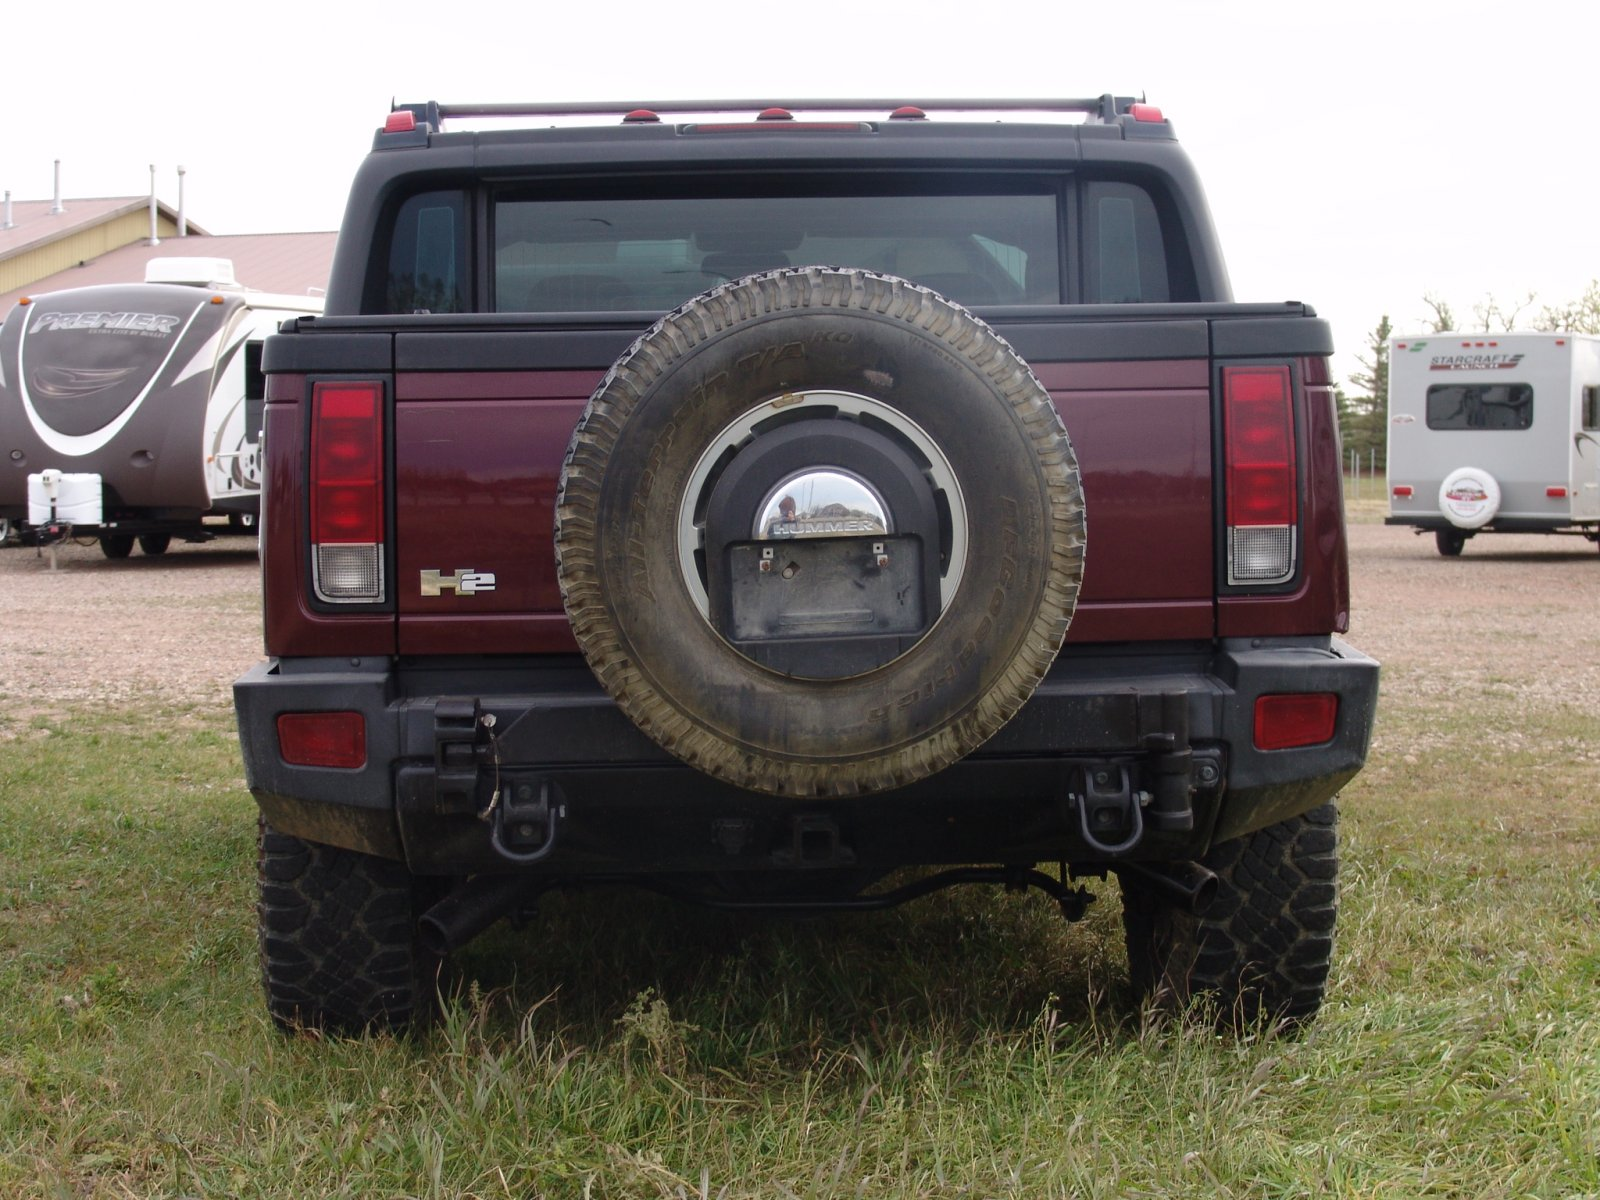 Hummer For Sale Lethbridge Used Sales  free image download